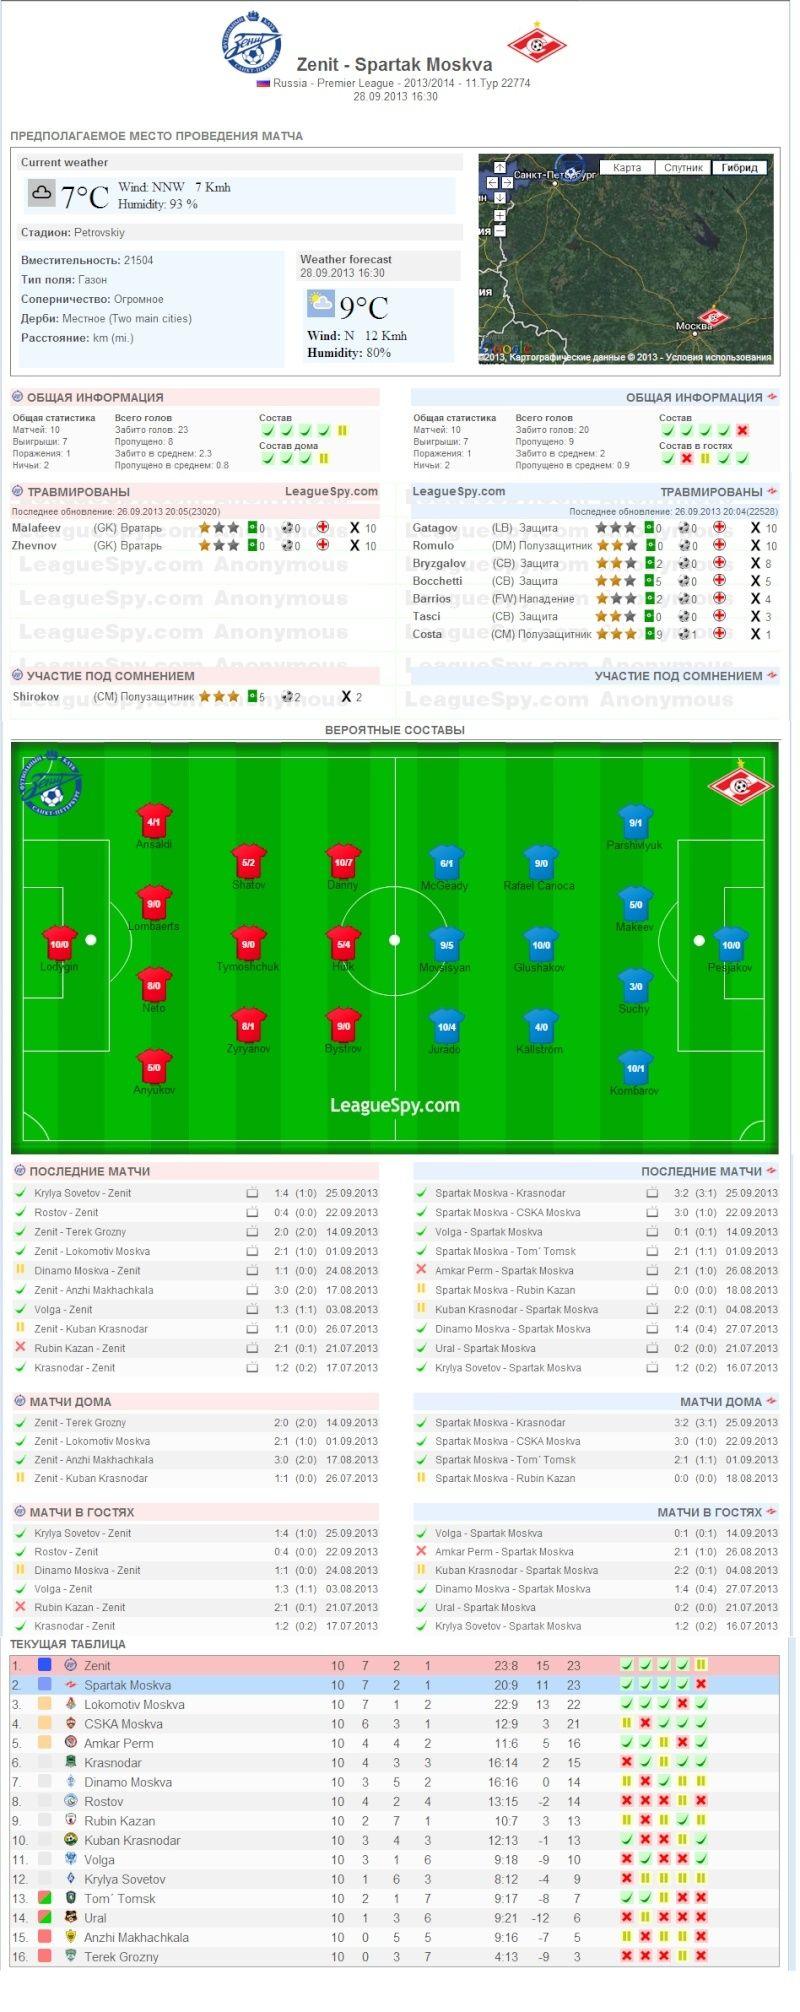 Прогнозы на предстоящие футбольные матчи Dddnnd10